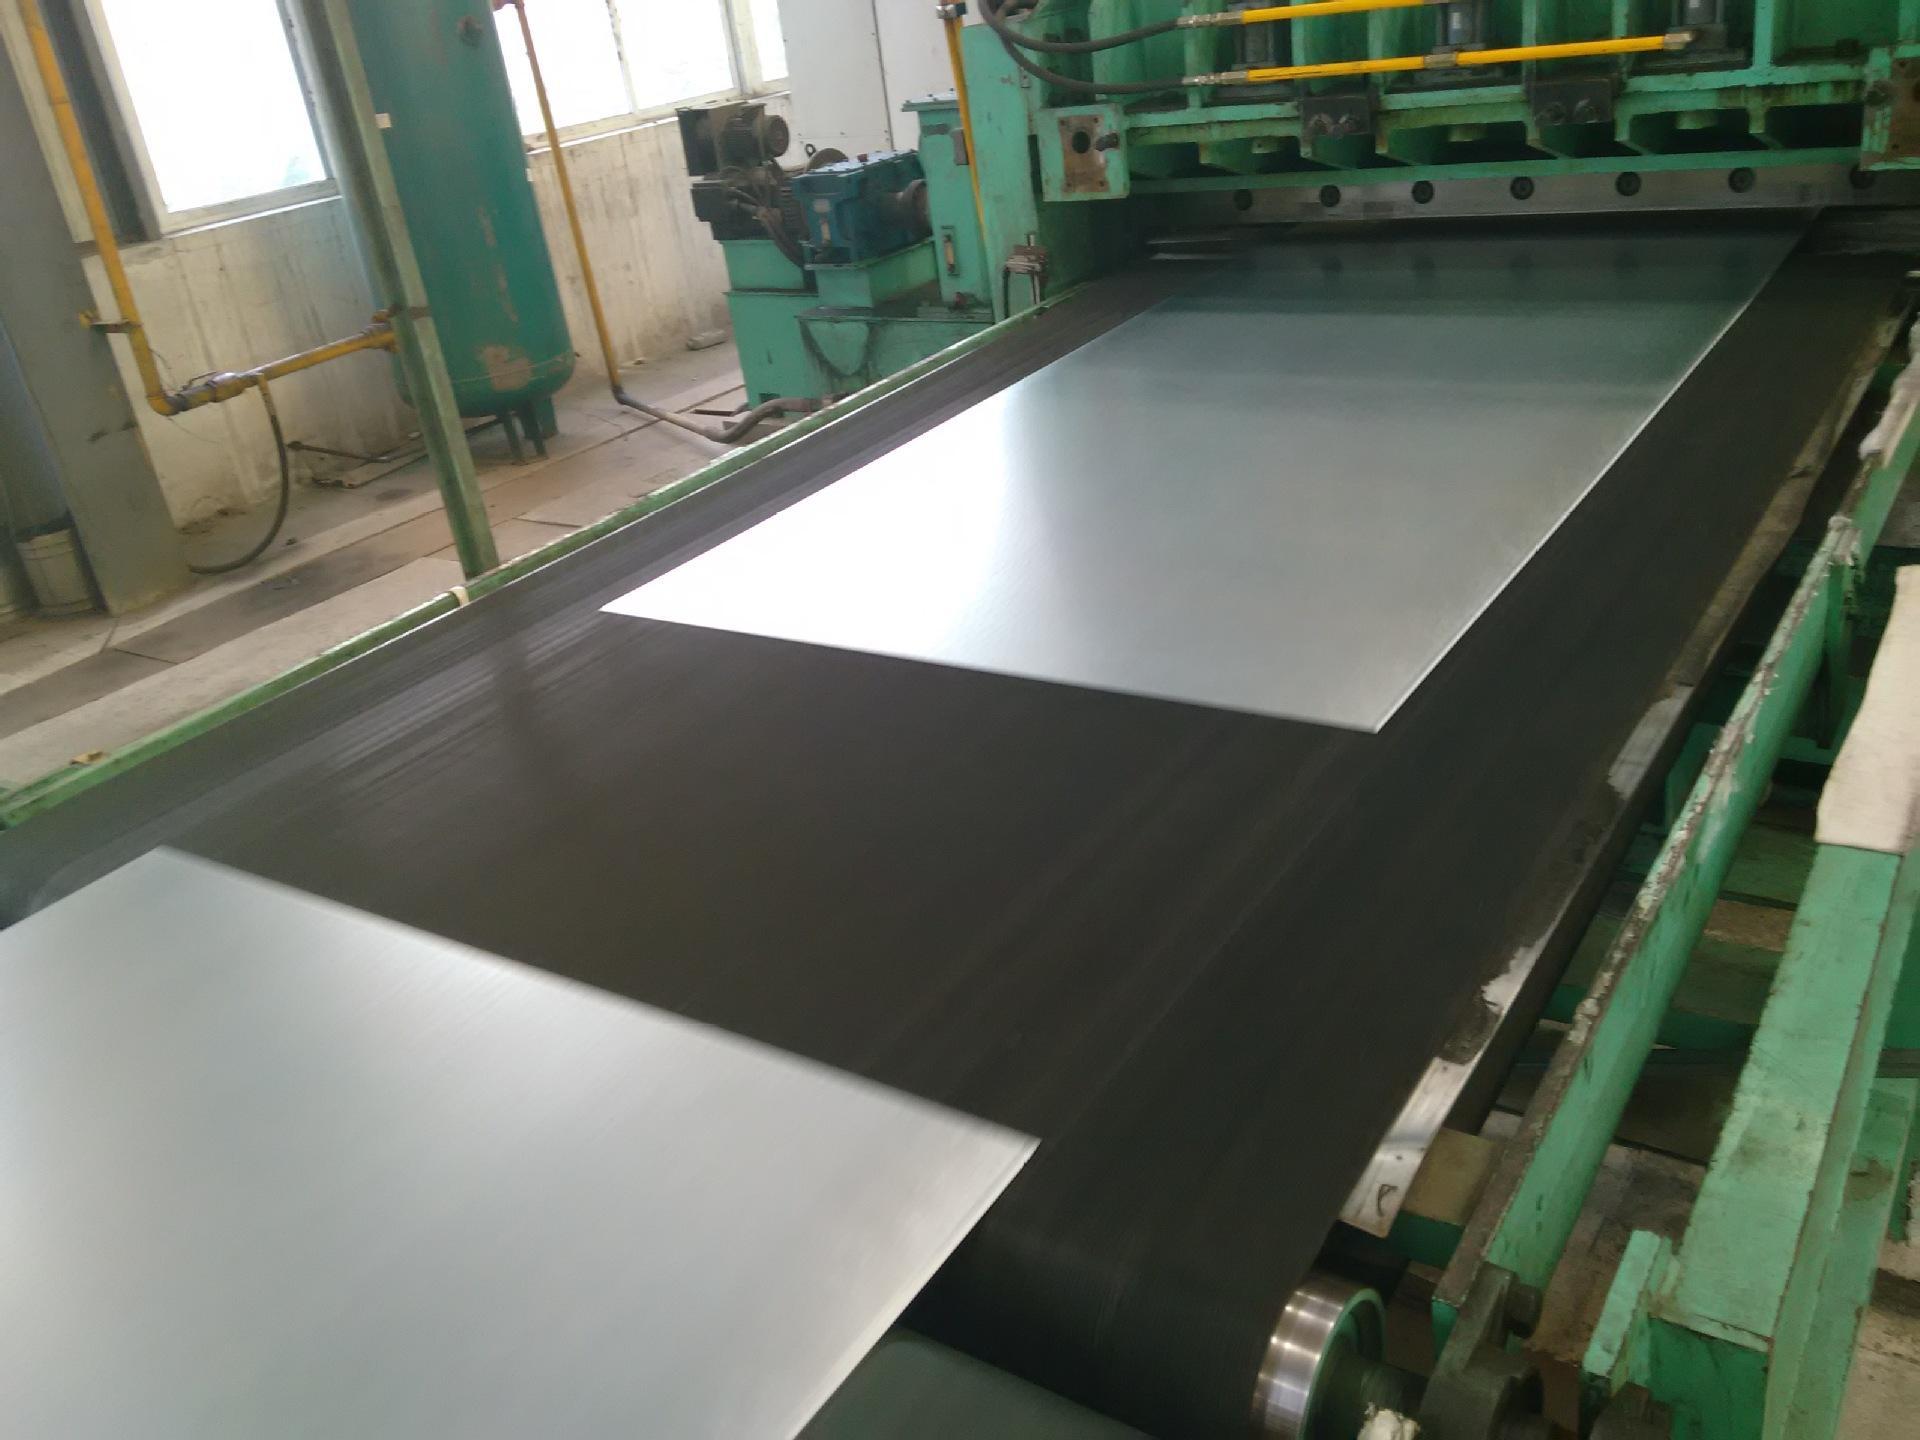 云南昆明镀锌板-攀钢镀锌板销售代理经销商-镀锌板销售价格